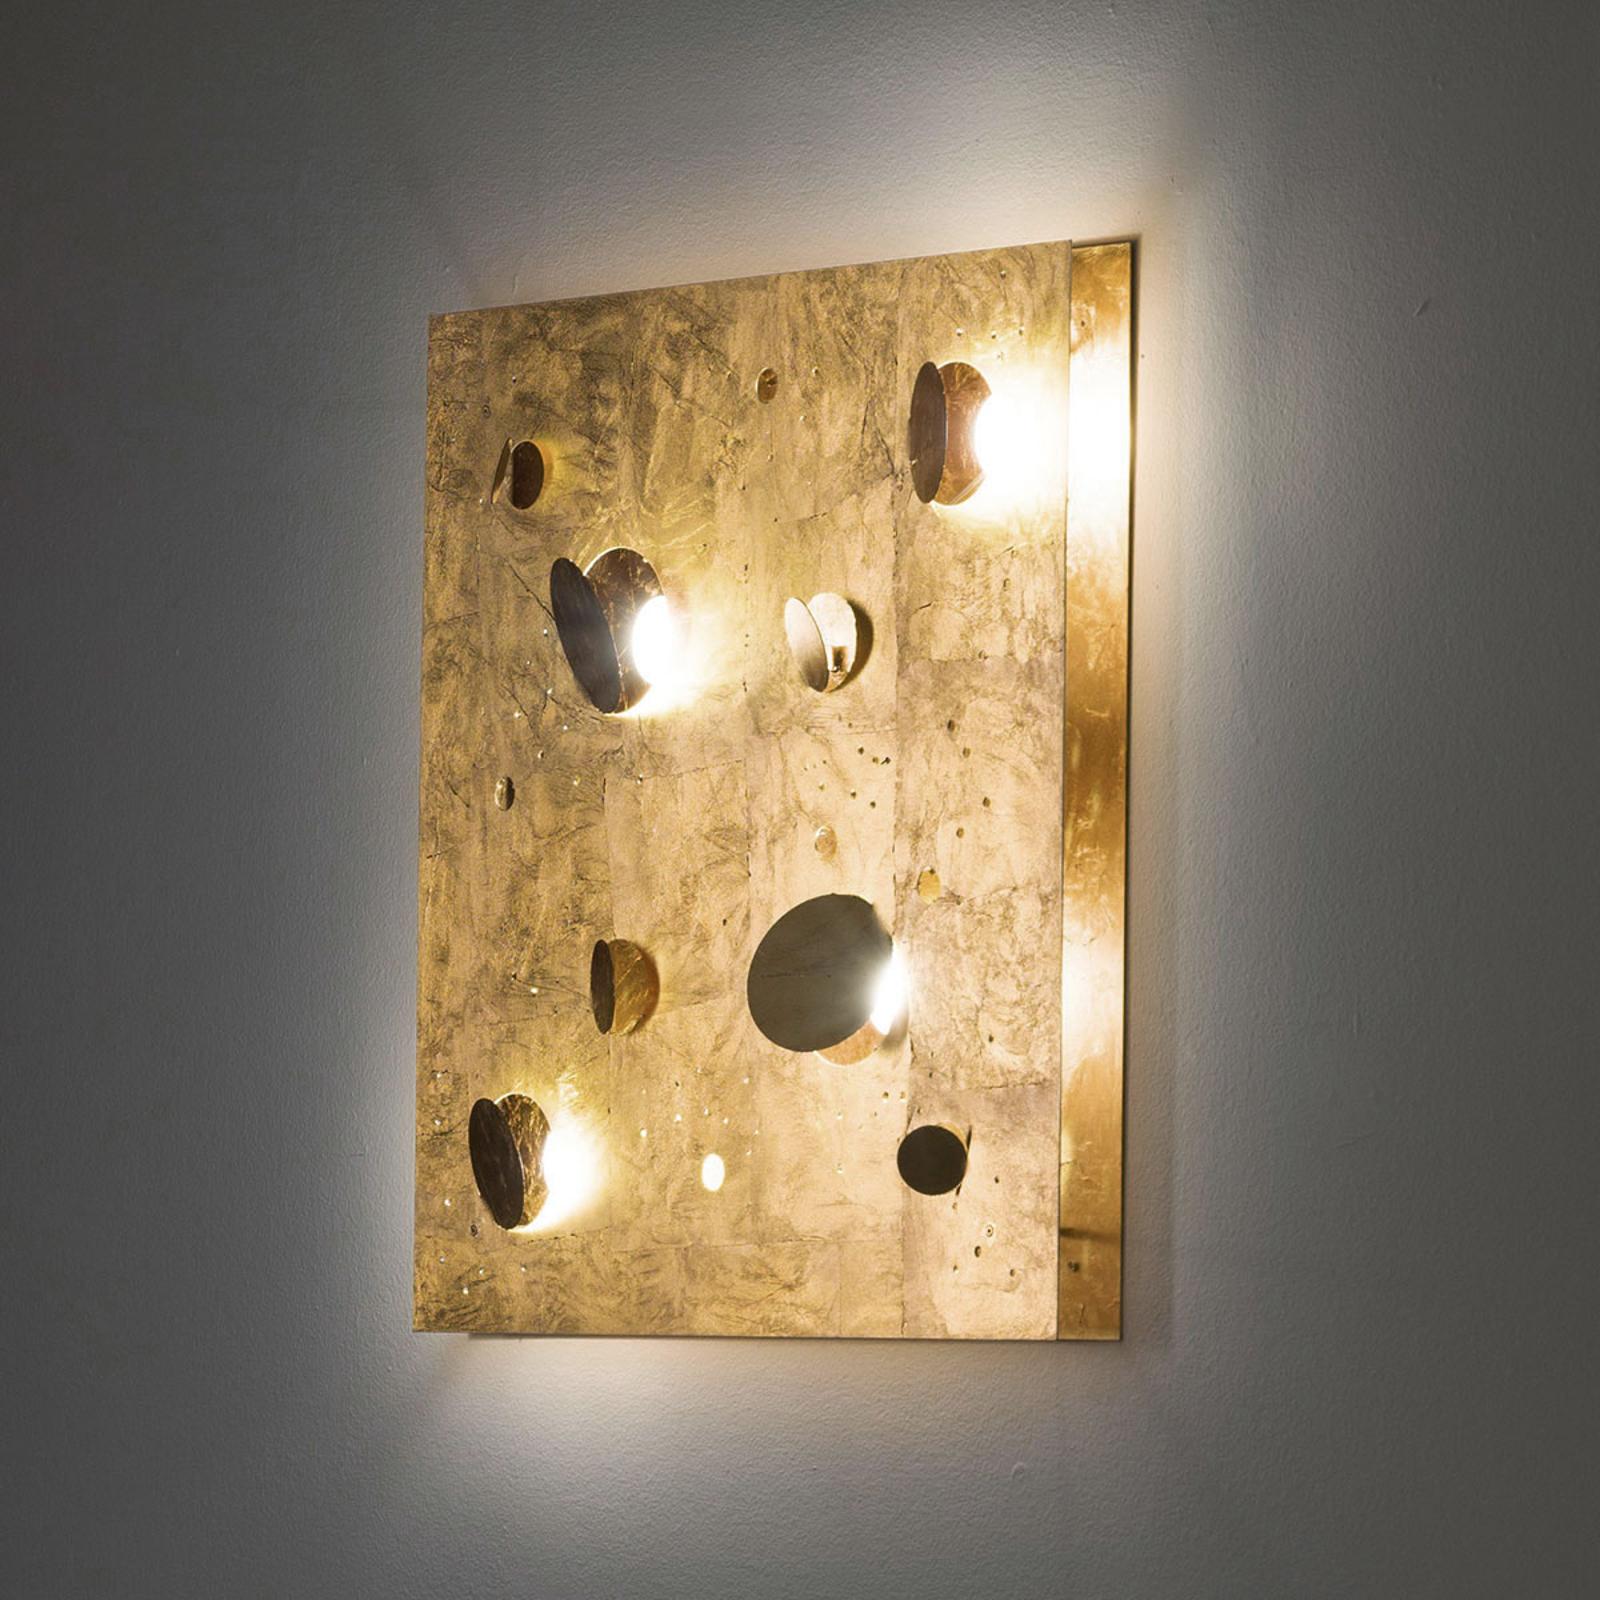 Knikerboker Buchi lampa ścienna 60x60cm złoto